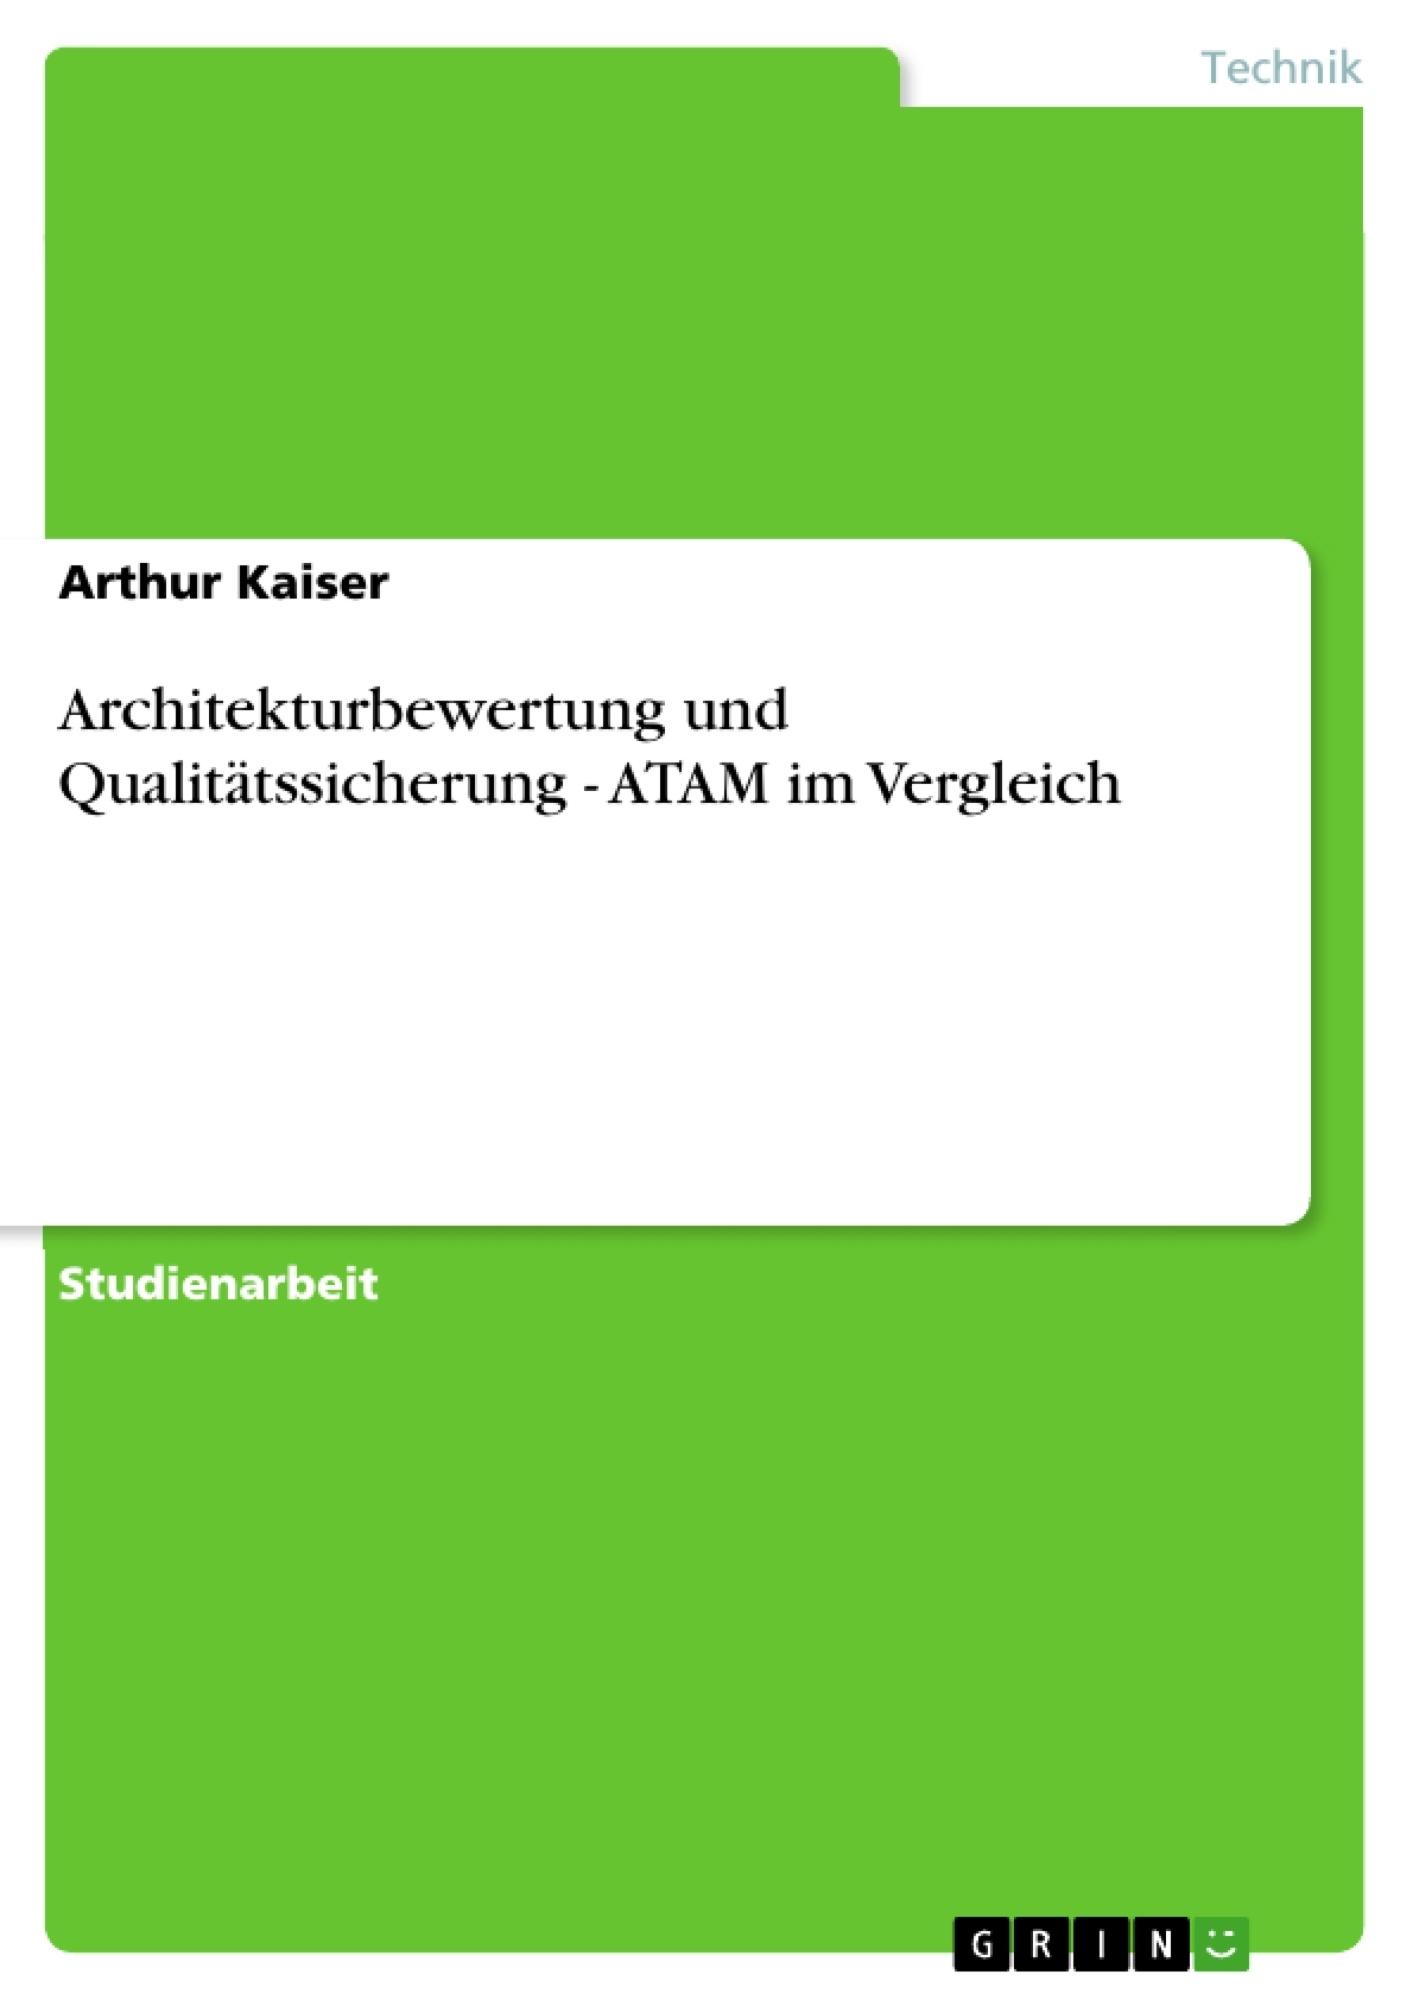 Titel: Architekturbewertung und Qualitätssicherung - ATAM im Vergleich